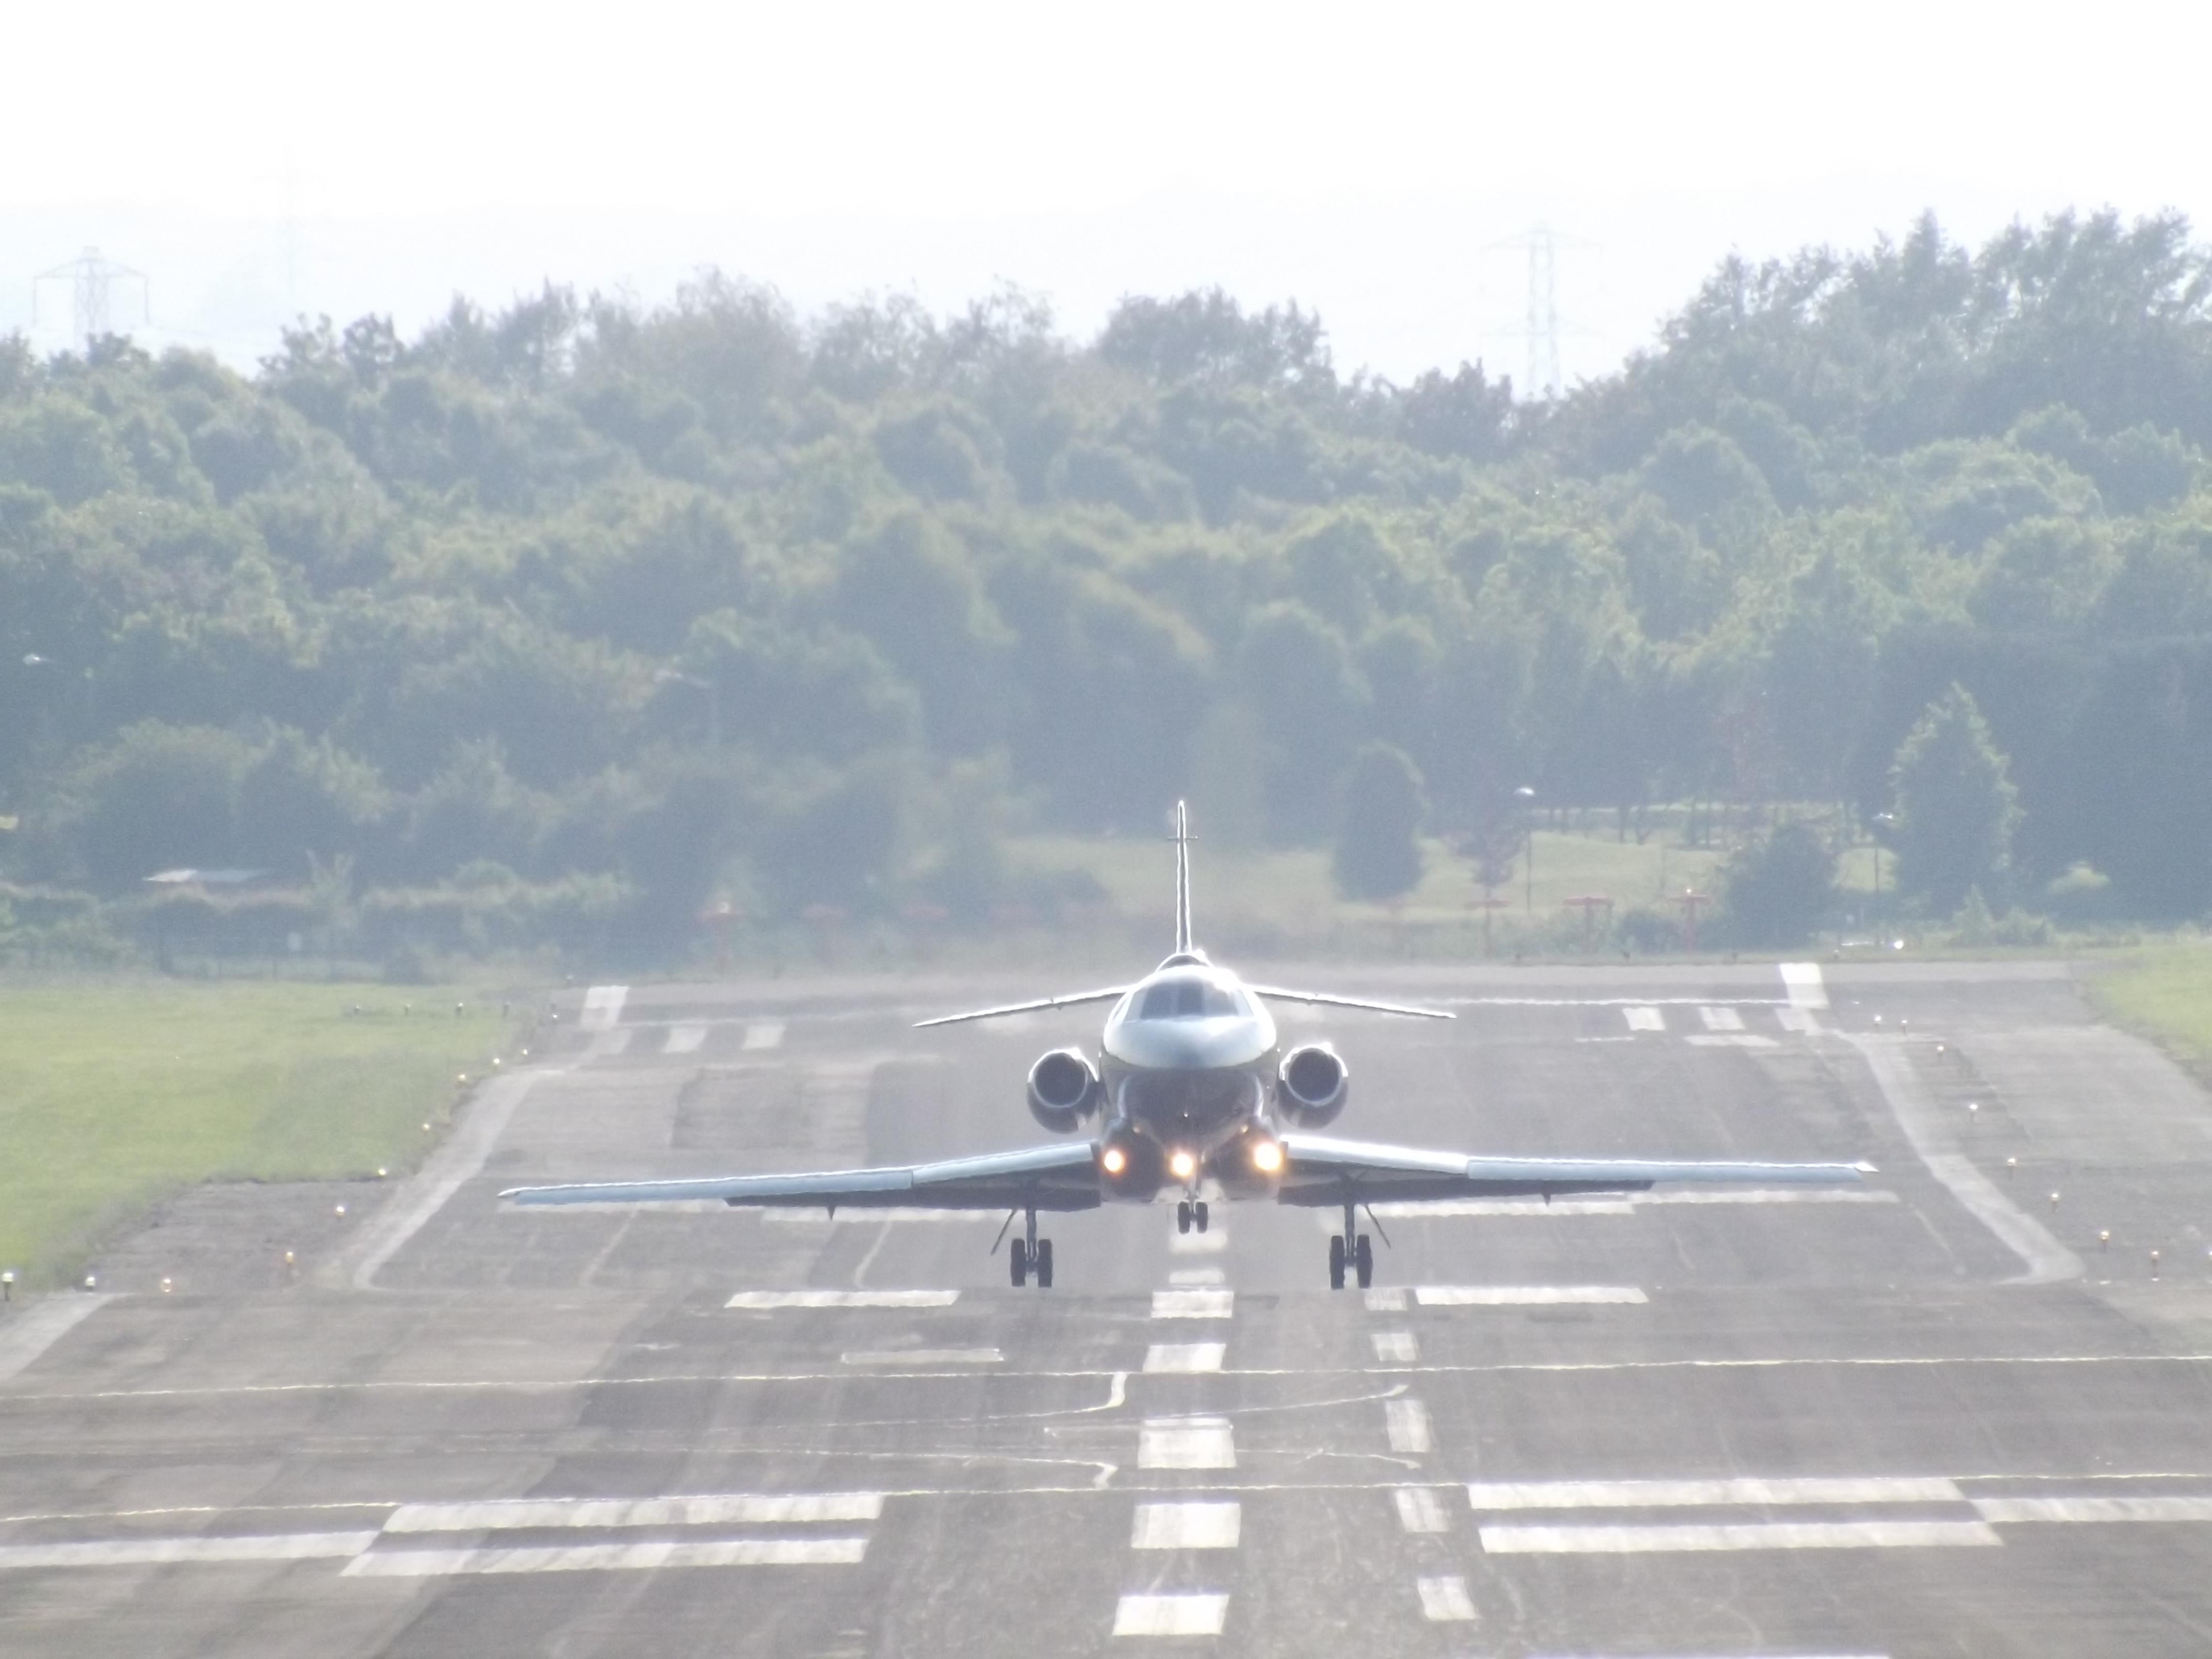 Resultado de imagen para Dassault Falcon 900 takeoff